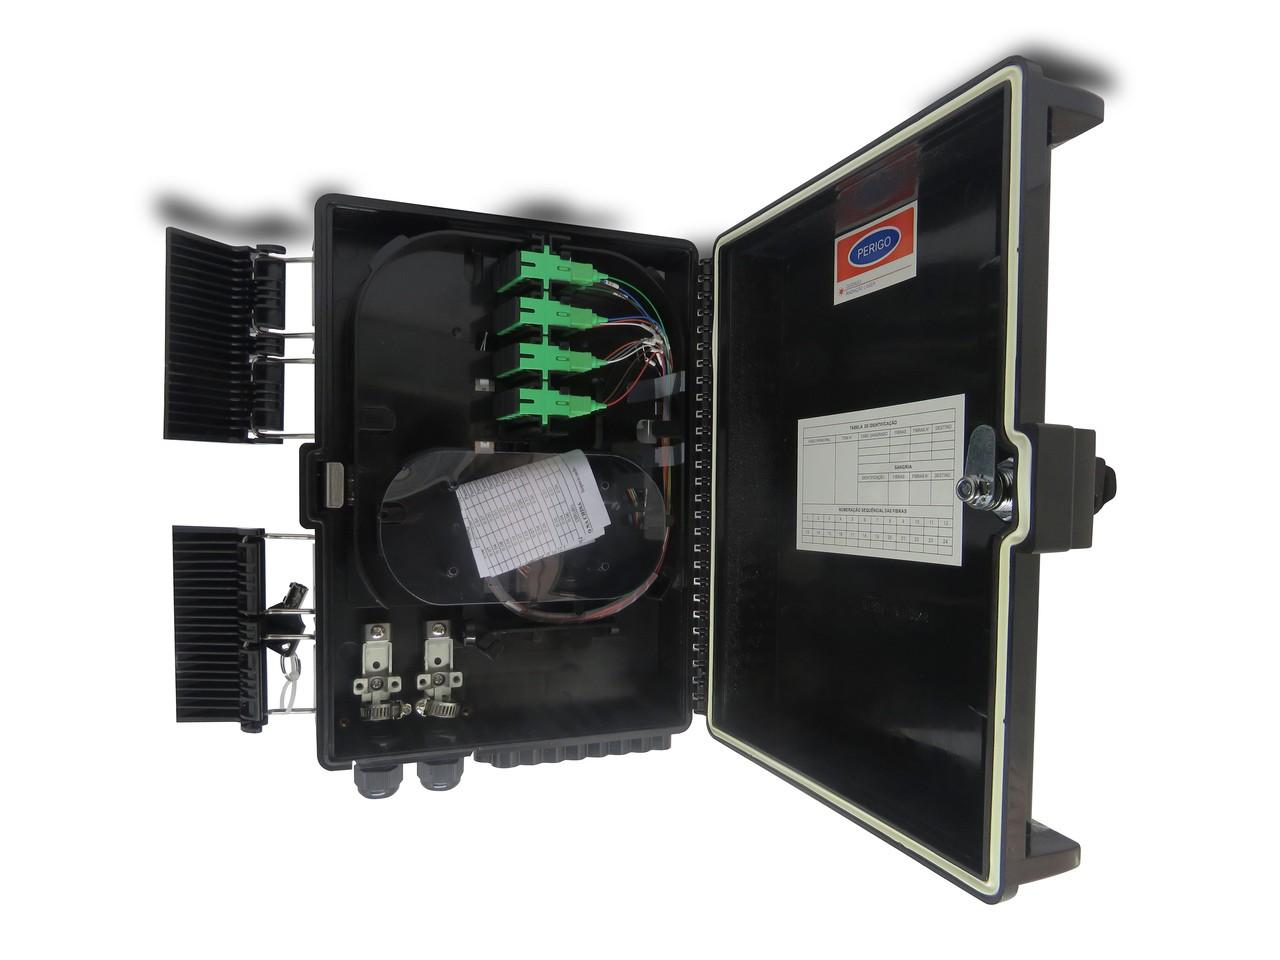 CTO 1x16apc - Montada com um splitter 1x16 sc/apc  e adaptadores